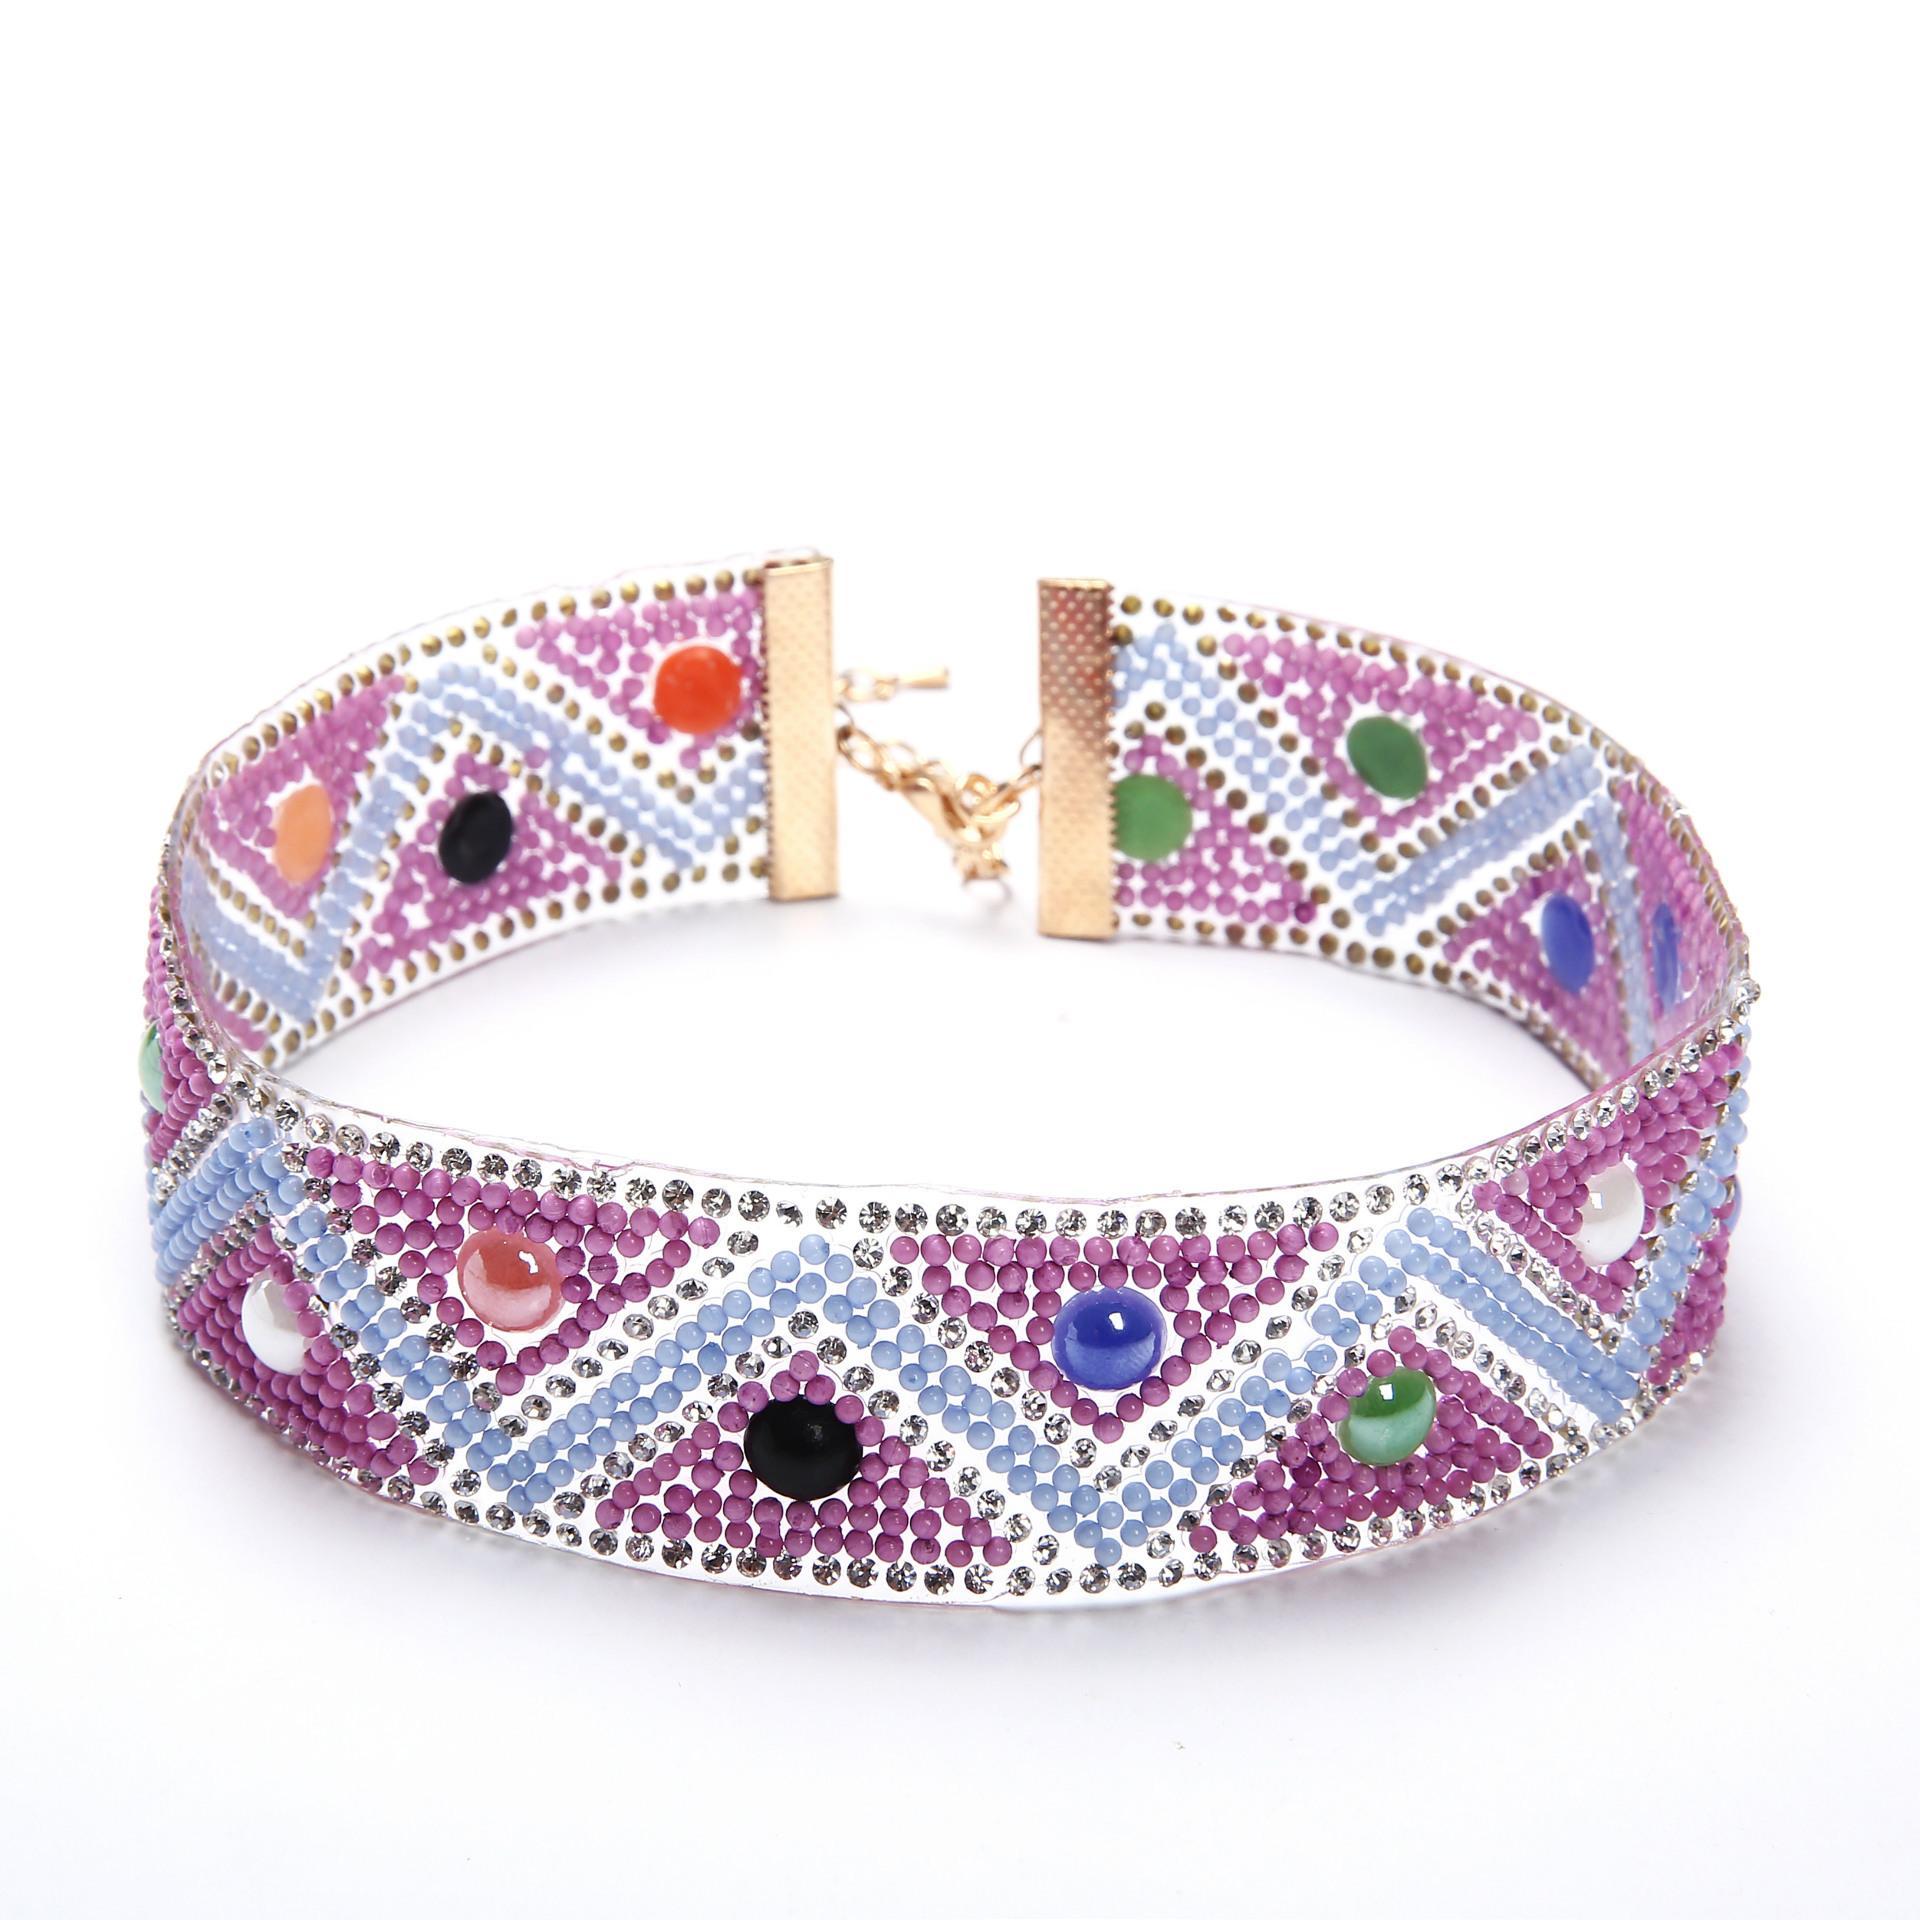 민족 비즈 턱받이 칼라 목 아프리카 multicolors에서 파란색 초커 목걸이 문 맥시 보석 부족 할로윈 선물